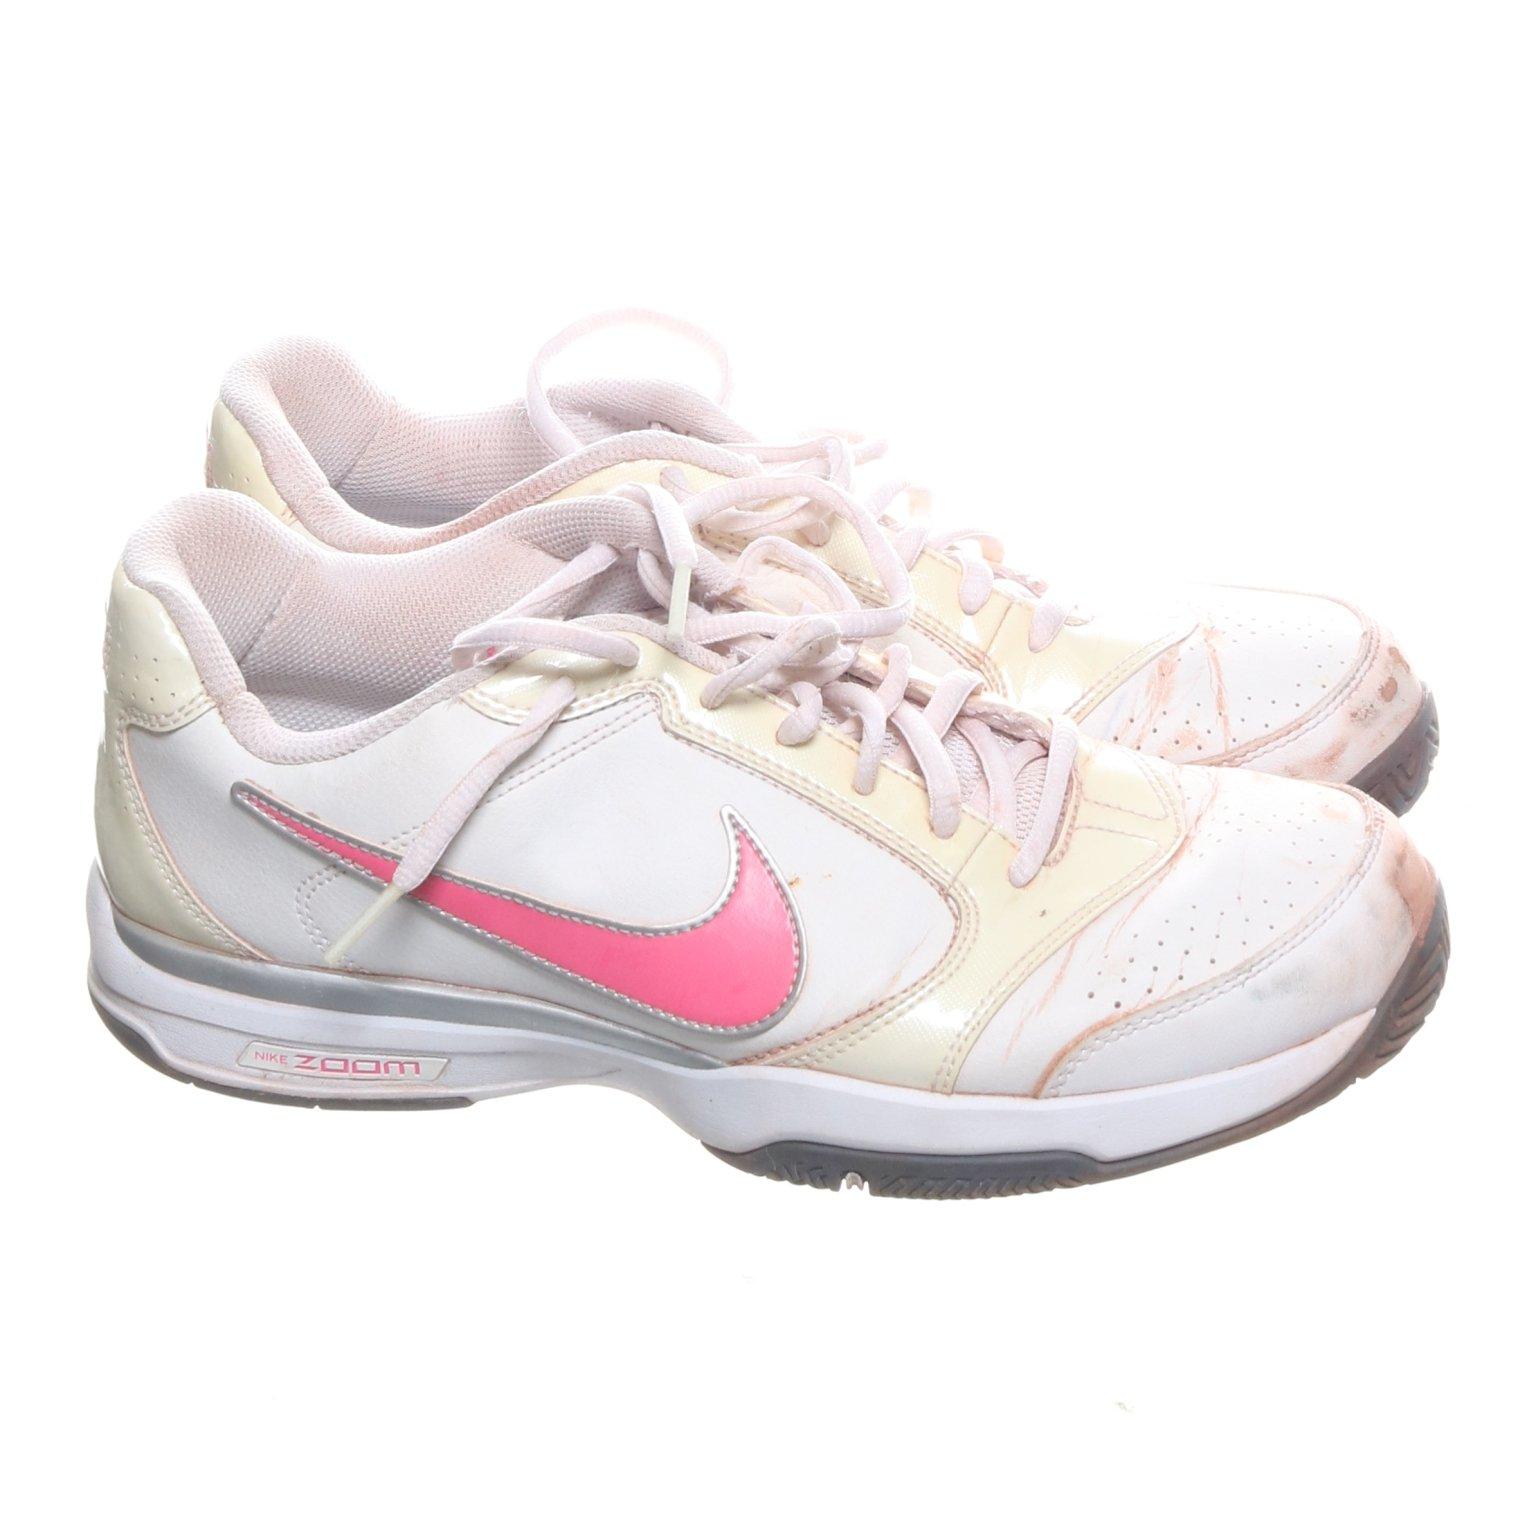 bästa kvalitet första titt flera färger Nike, Tennisskor, Strl: 40,5, Nike Zoom C.. (377690609) ᐈ Sellpy ...